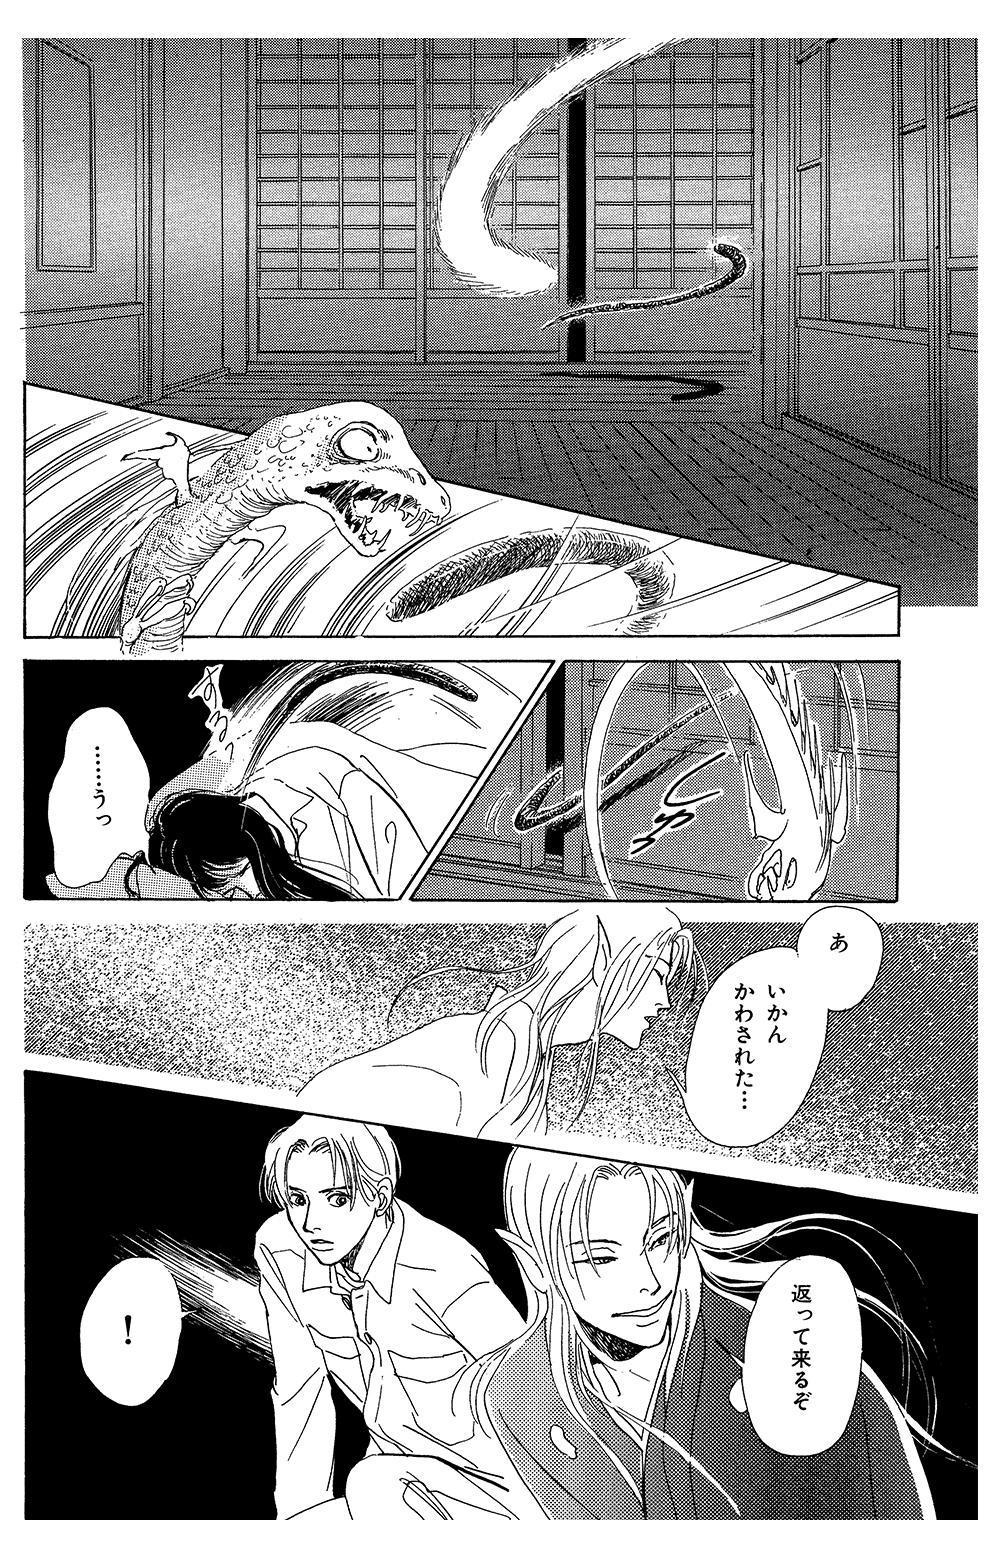 百鬼夜行抄 第1話「闇からの呼び声」④hyakki1-4-5.jpg